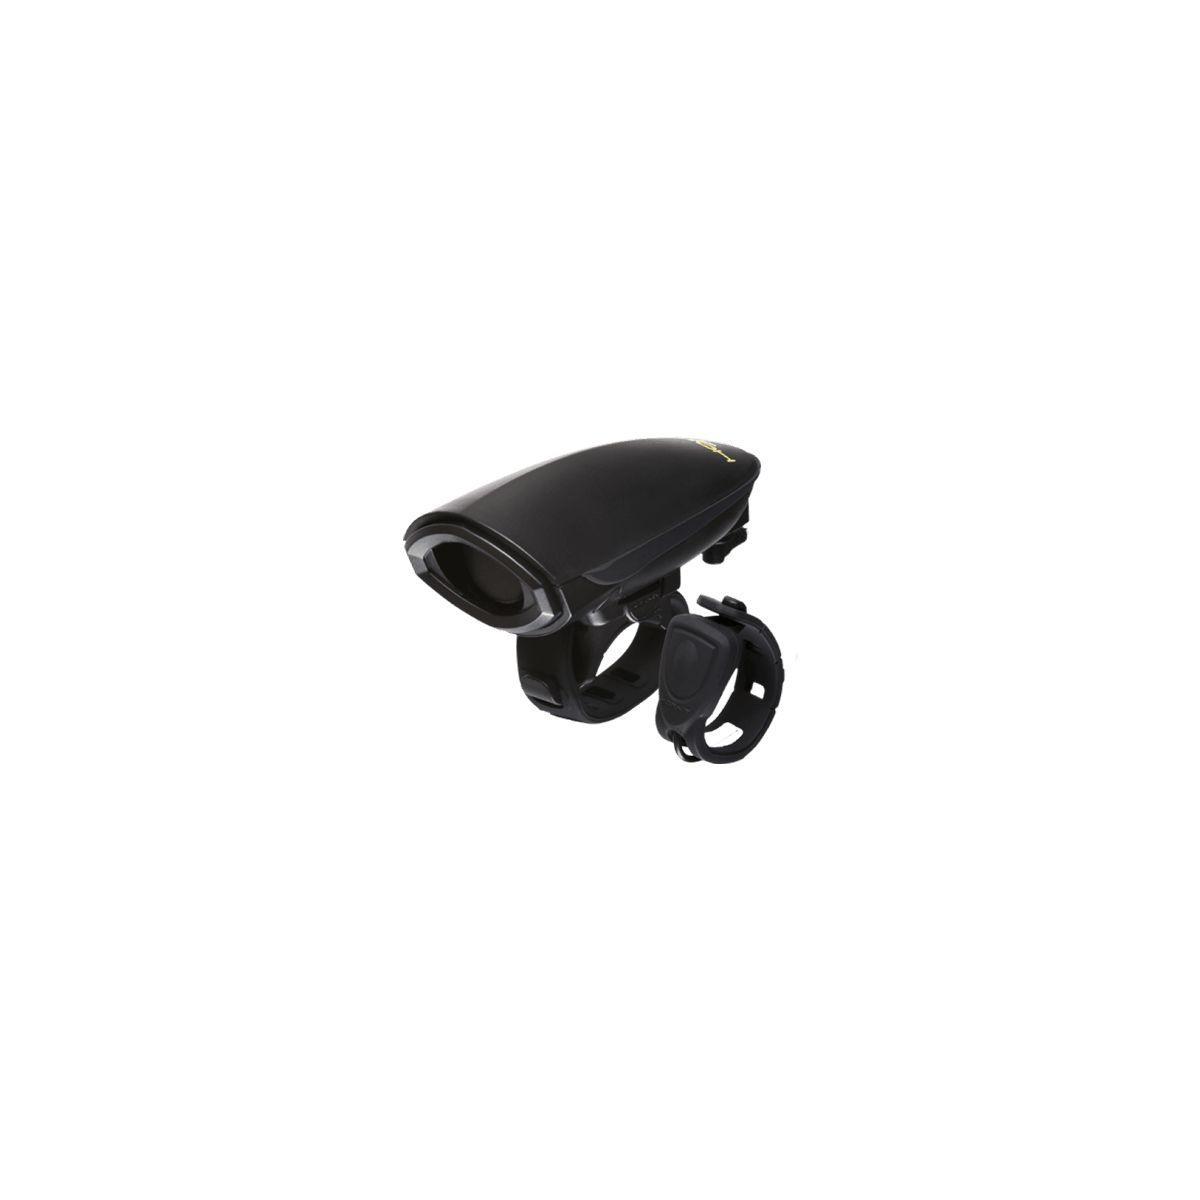 Sonnette hornit sonnette 140 db - noir